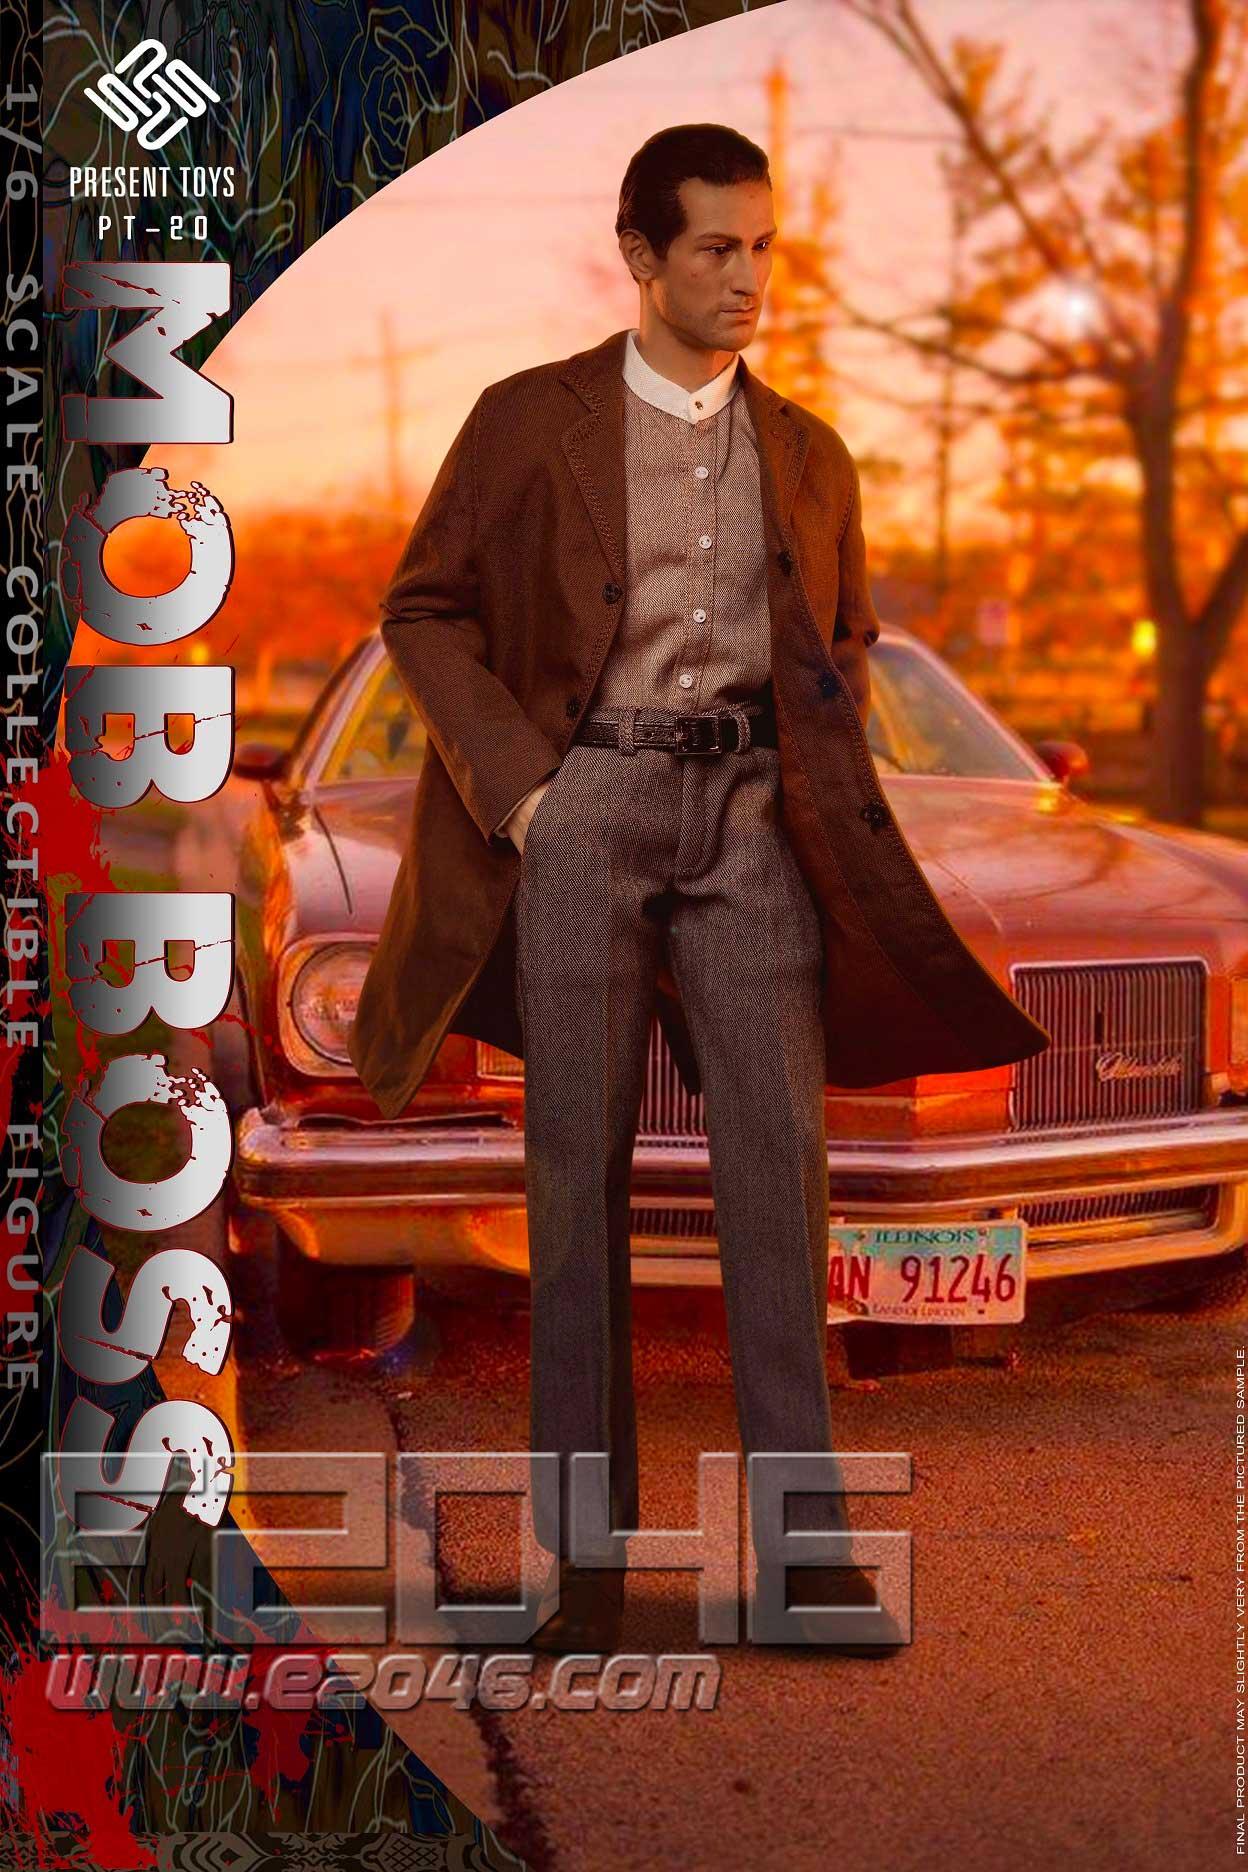 Gangster Boss (DOLL)